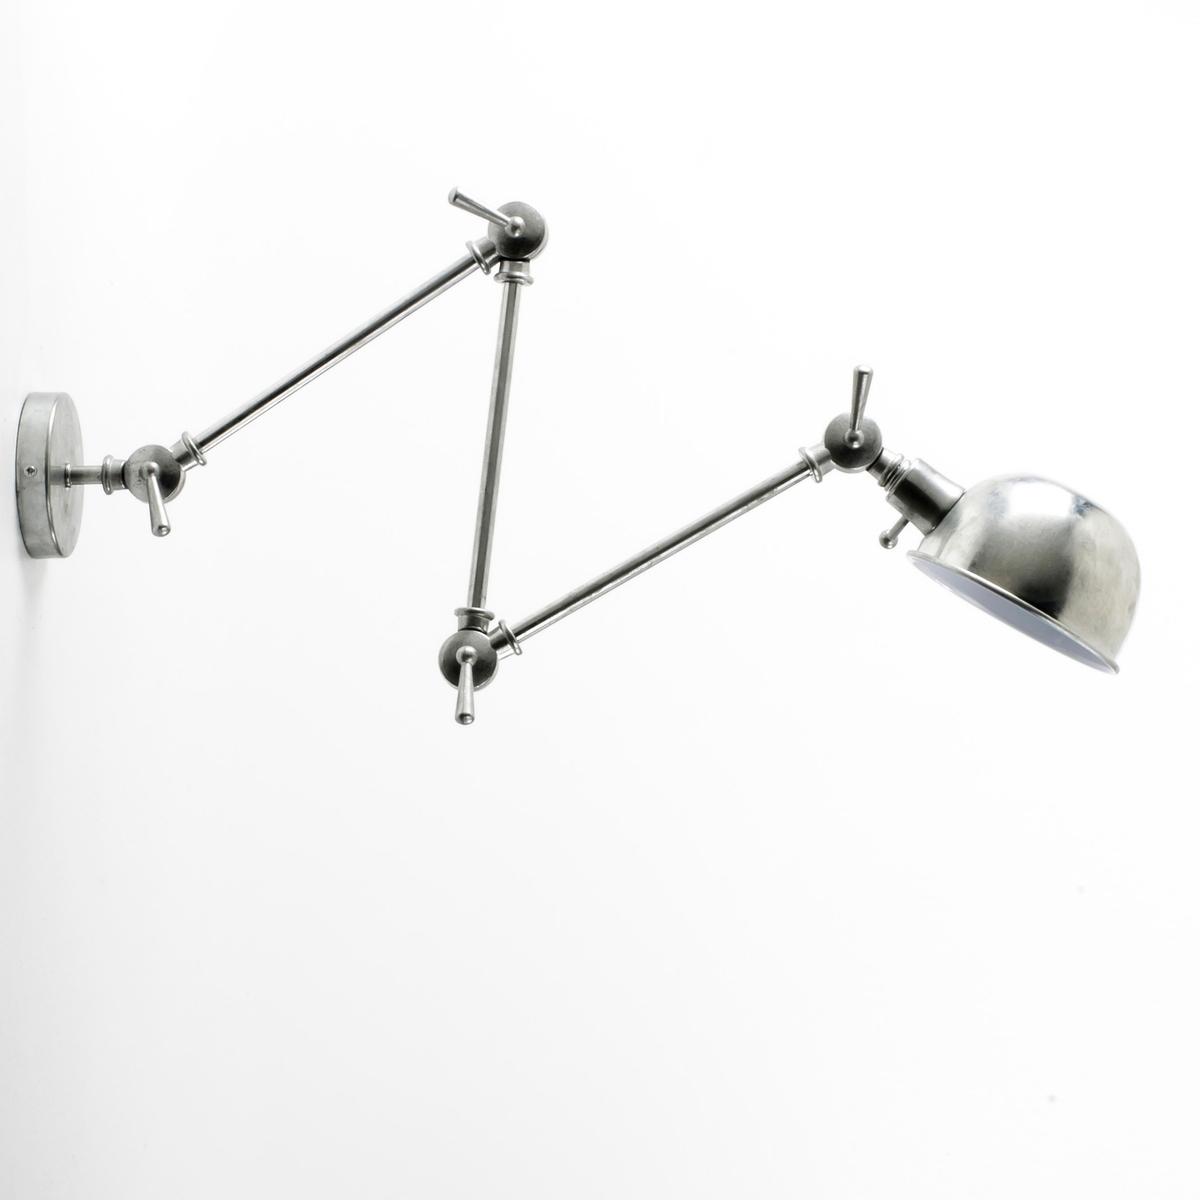 Светильник с 3 лапками TornadeИз оцинкованного металла или с матовым эпоксидным покрытием . 3 гибкие лапки, крепящиеся на стену с помощью пластинки (? 10,5 см). Патрон E14 для лампочки макс 40W (не входит в комплект)  . Длина.85 x Ширина.14 x высота.40 см (в нормальном положении). Есть модель с 2 лапками .Этот светильник совместим с лампочками    энергетического класса   A-B-C-D-E .<br><br>Цвет: серый оцинкованный,черный